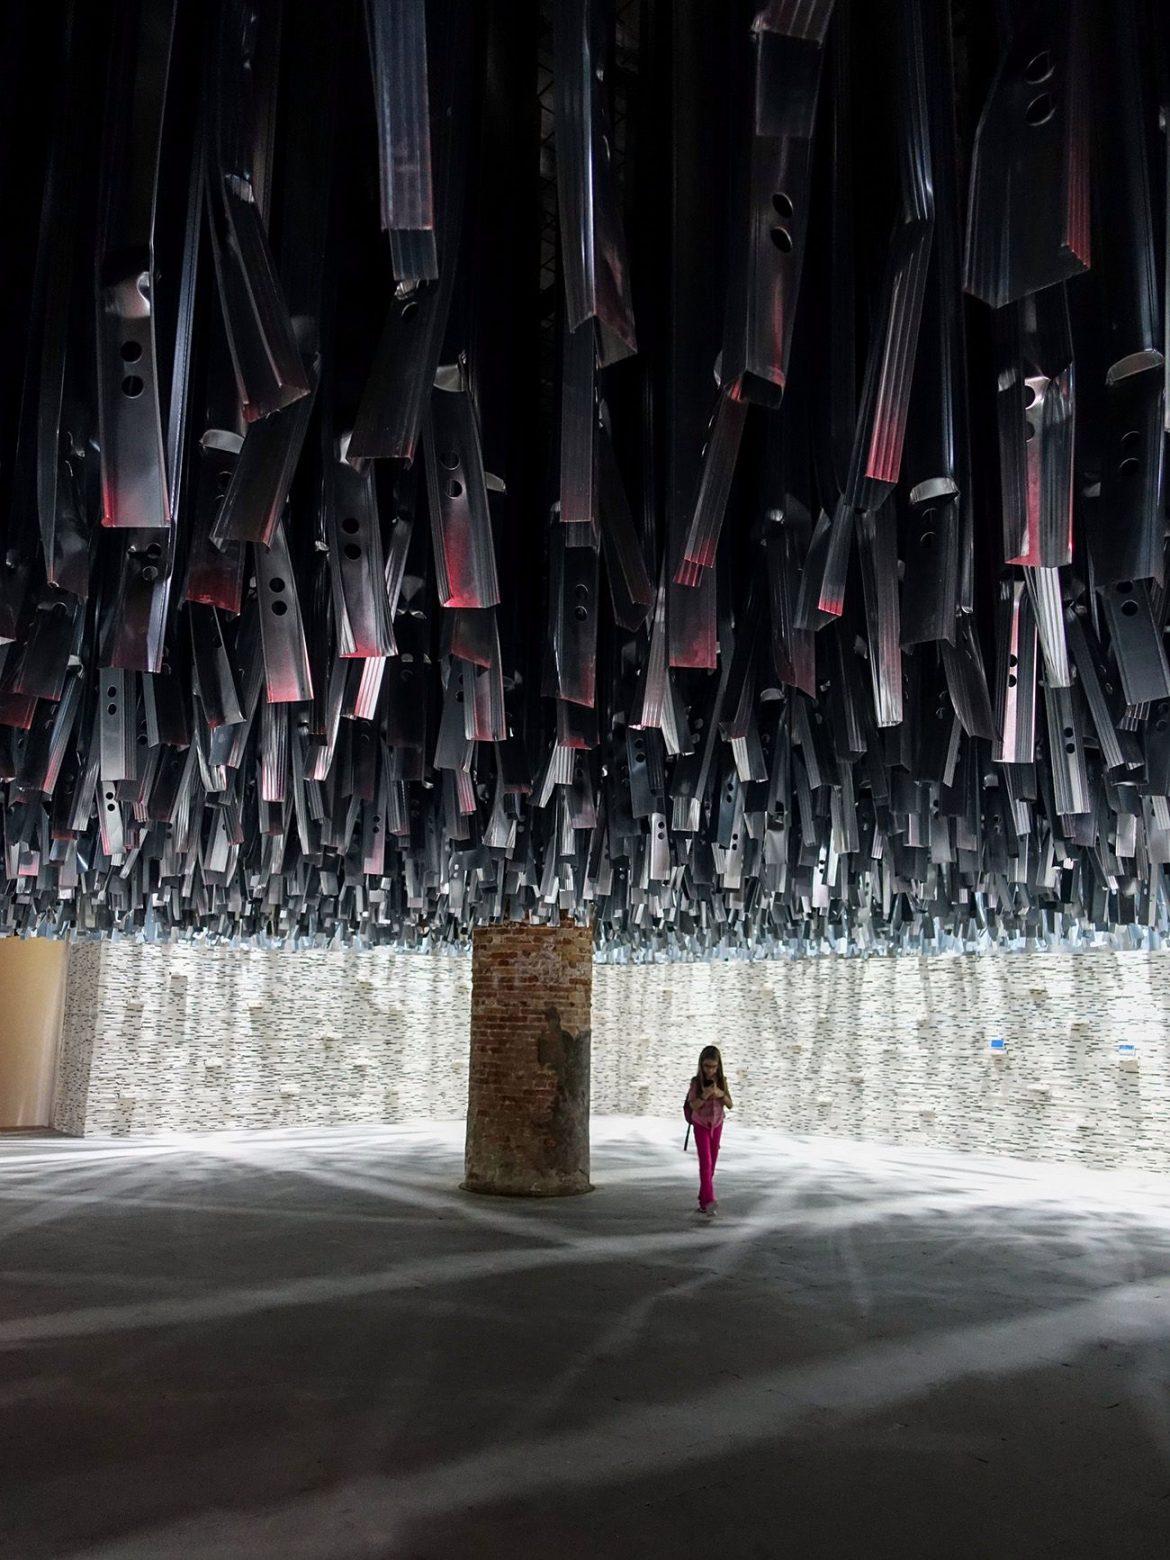 018 compressed 1170x1560 - Biennale de Venise 2016 : architecture année 0